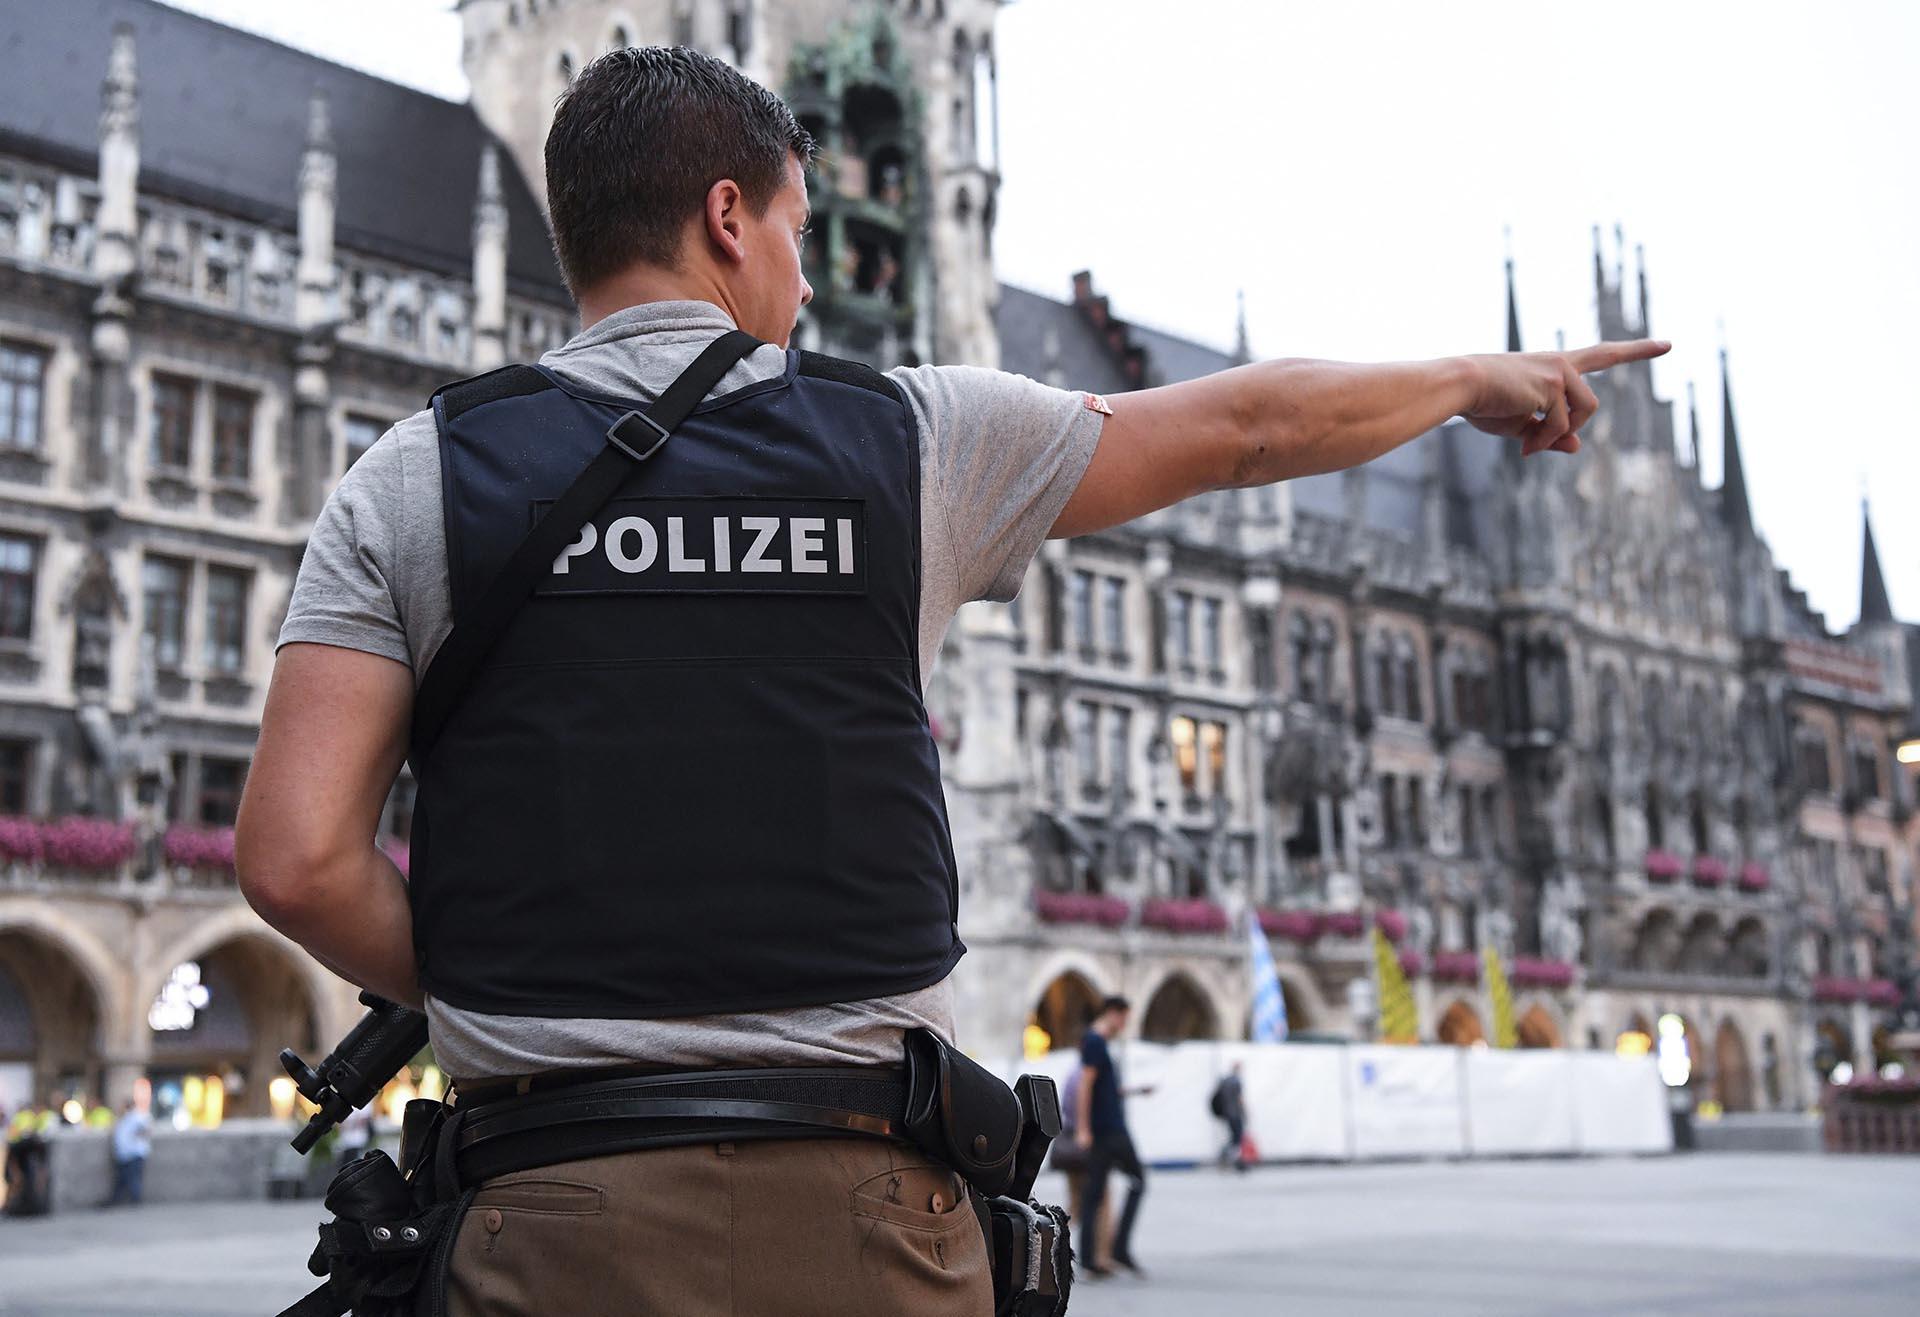 """LUS25 MÚNICH (ALEMANIA) 22/07/2016.- Un policía vigilan en la plaza Marienplatz tras el tiroteo registrado en un centro comercial en Múnich, Alemania hoy, 22 de julio de 2016. Varias personas han muerto y otras han resultado heridas hoy en un tiroteo registrado en un centro comercial de Múnich (sur de Alemania), según informa el diario """"Süddeustche Zeitung"""" citando fuentes policiales, que hablan de un solo atacante. EFE/Sven Hoppe"""